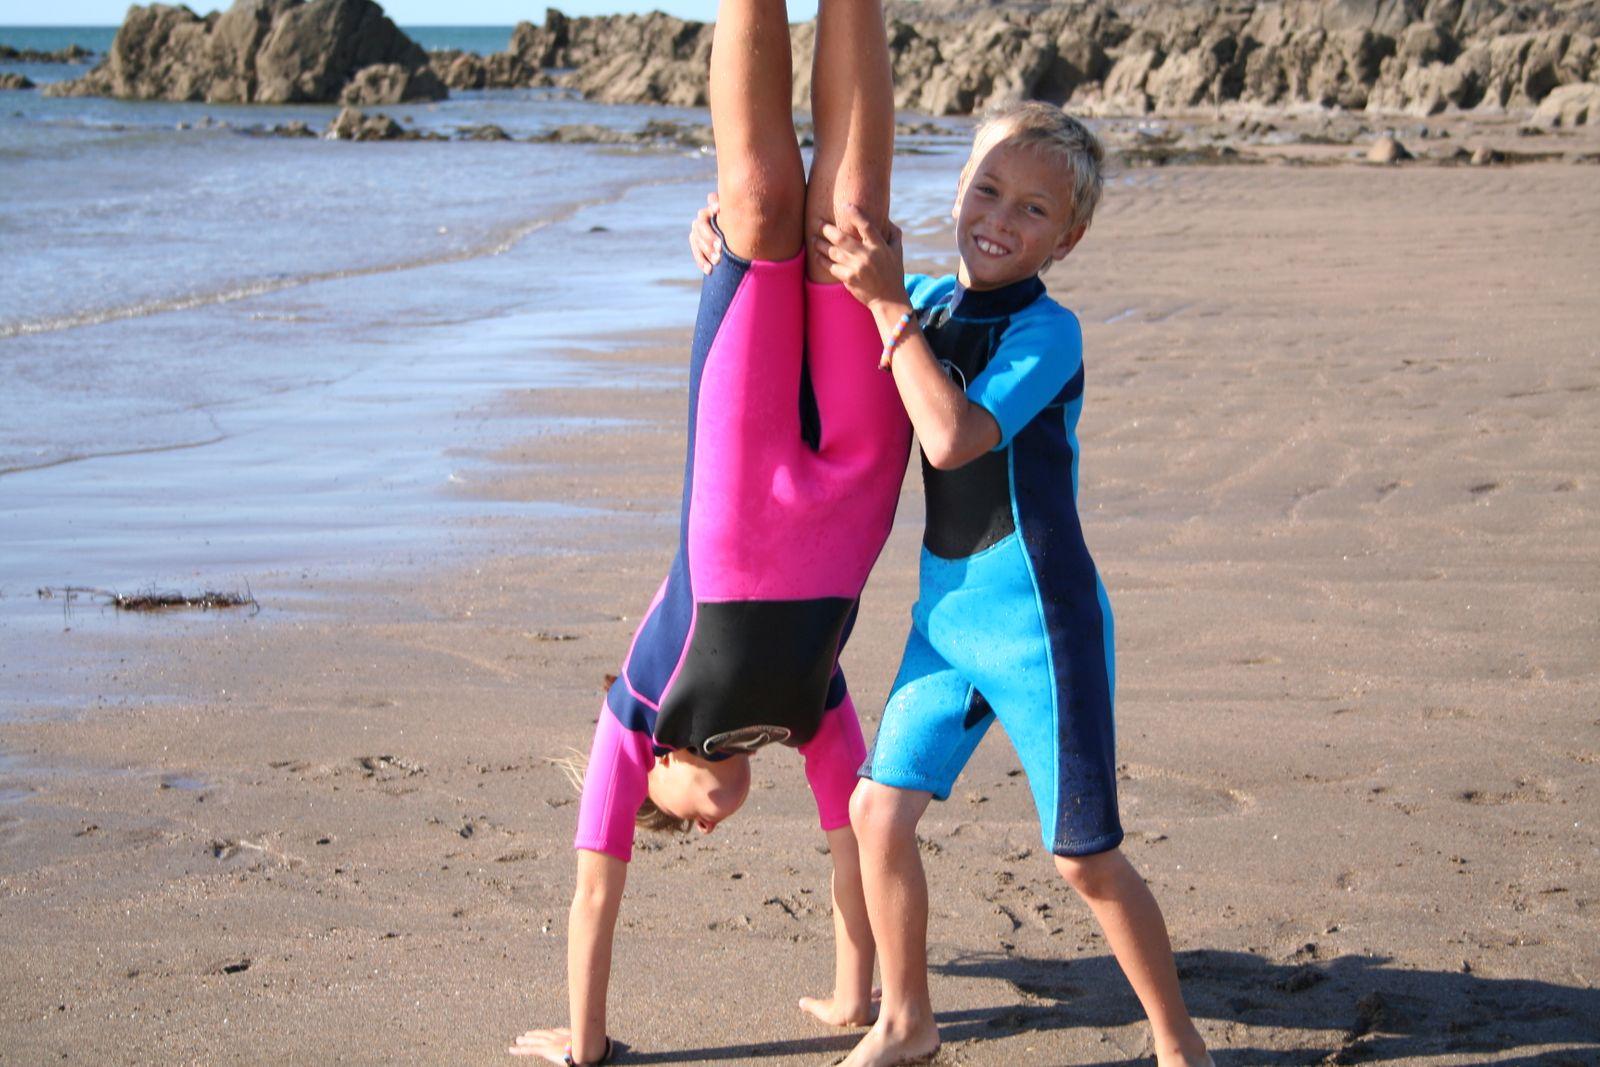 Konfidence Neoprenanzug für Kinder mit umfangreichem Schwimmratgeber – Bild 6